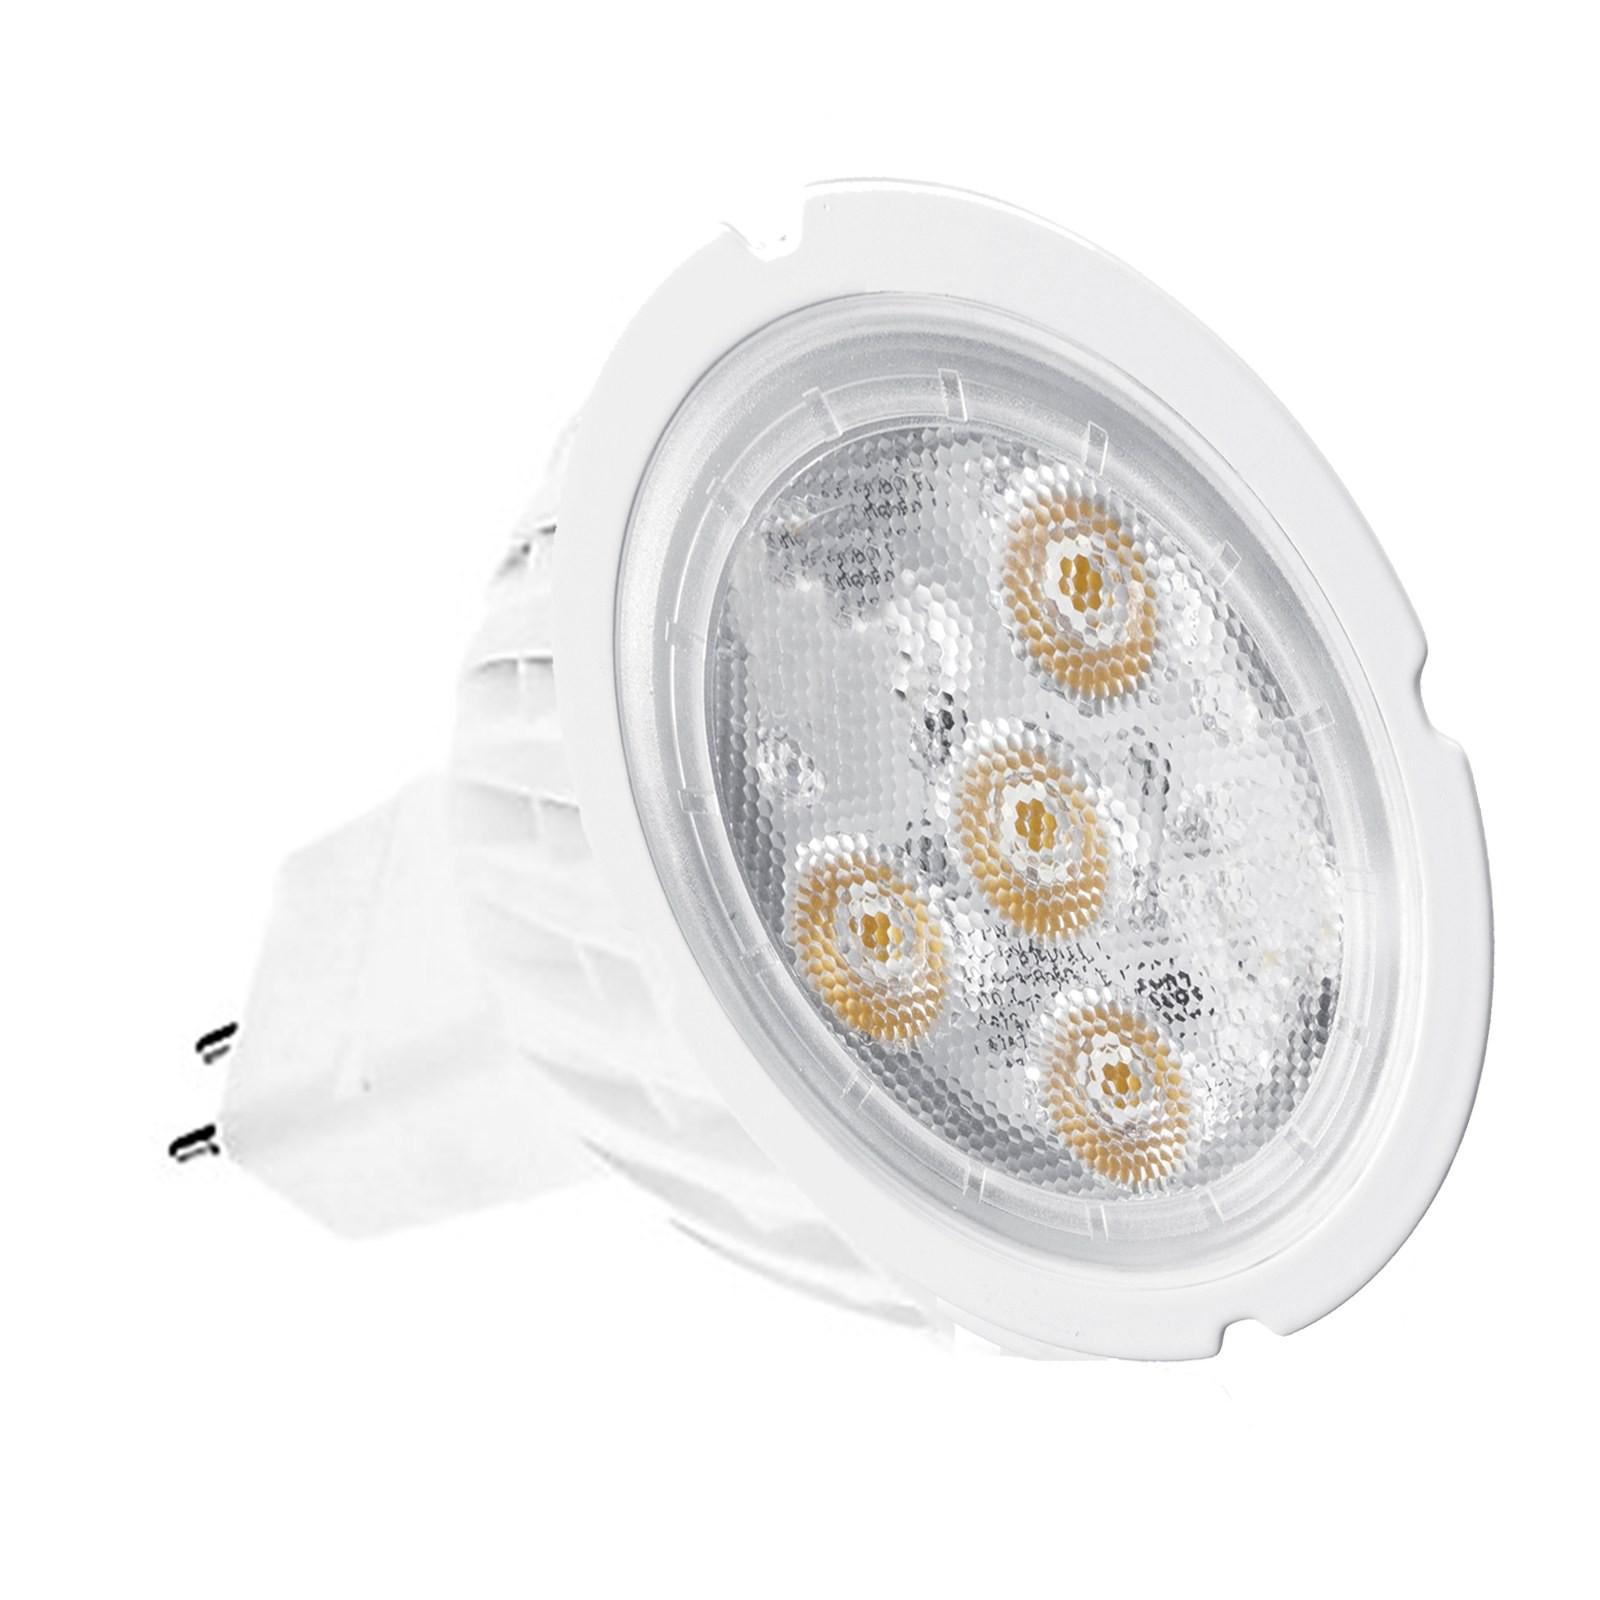 LAMPADINA LAMPADA FARO FARETTO A 4 LED SPOT GU 5.3 4W MR16 LUCE CALDA SMD 200LM